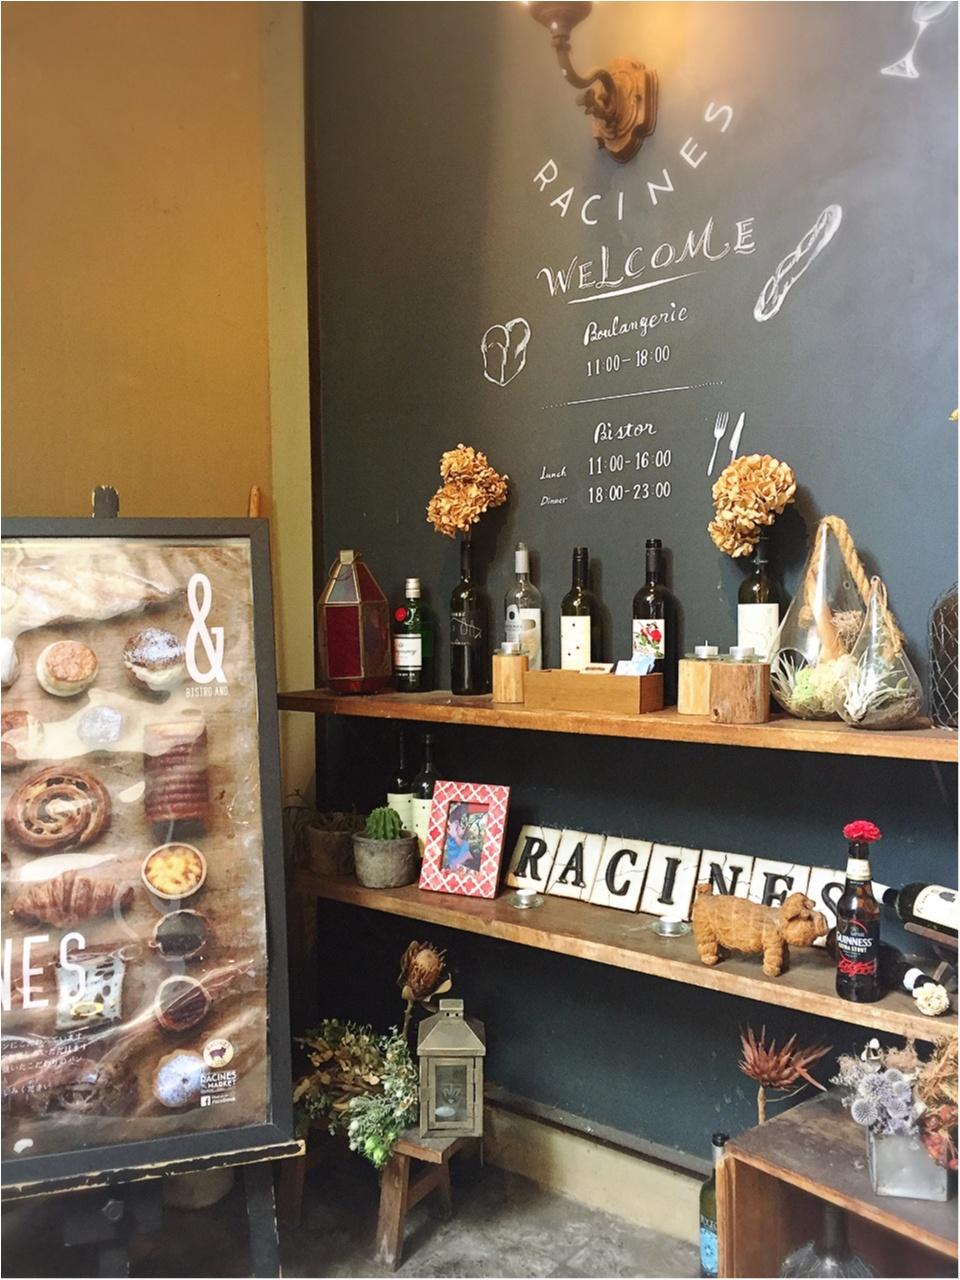 【東京の美味しいパン屋巡り】〜パン好き必見!『池袋・RACINES(ラシーヌ)』のパンがメインの休日ランチ〜_1